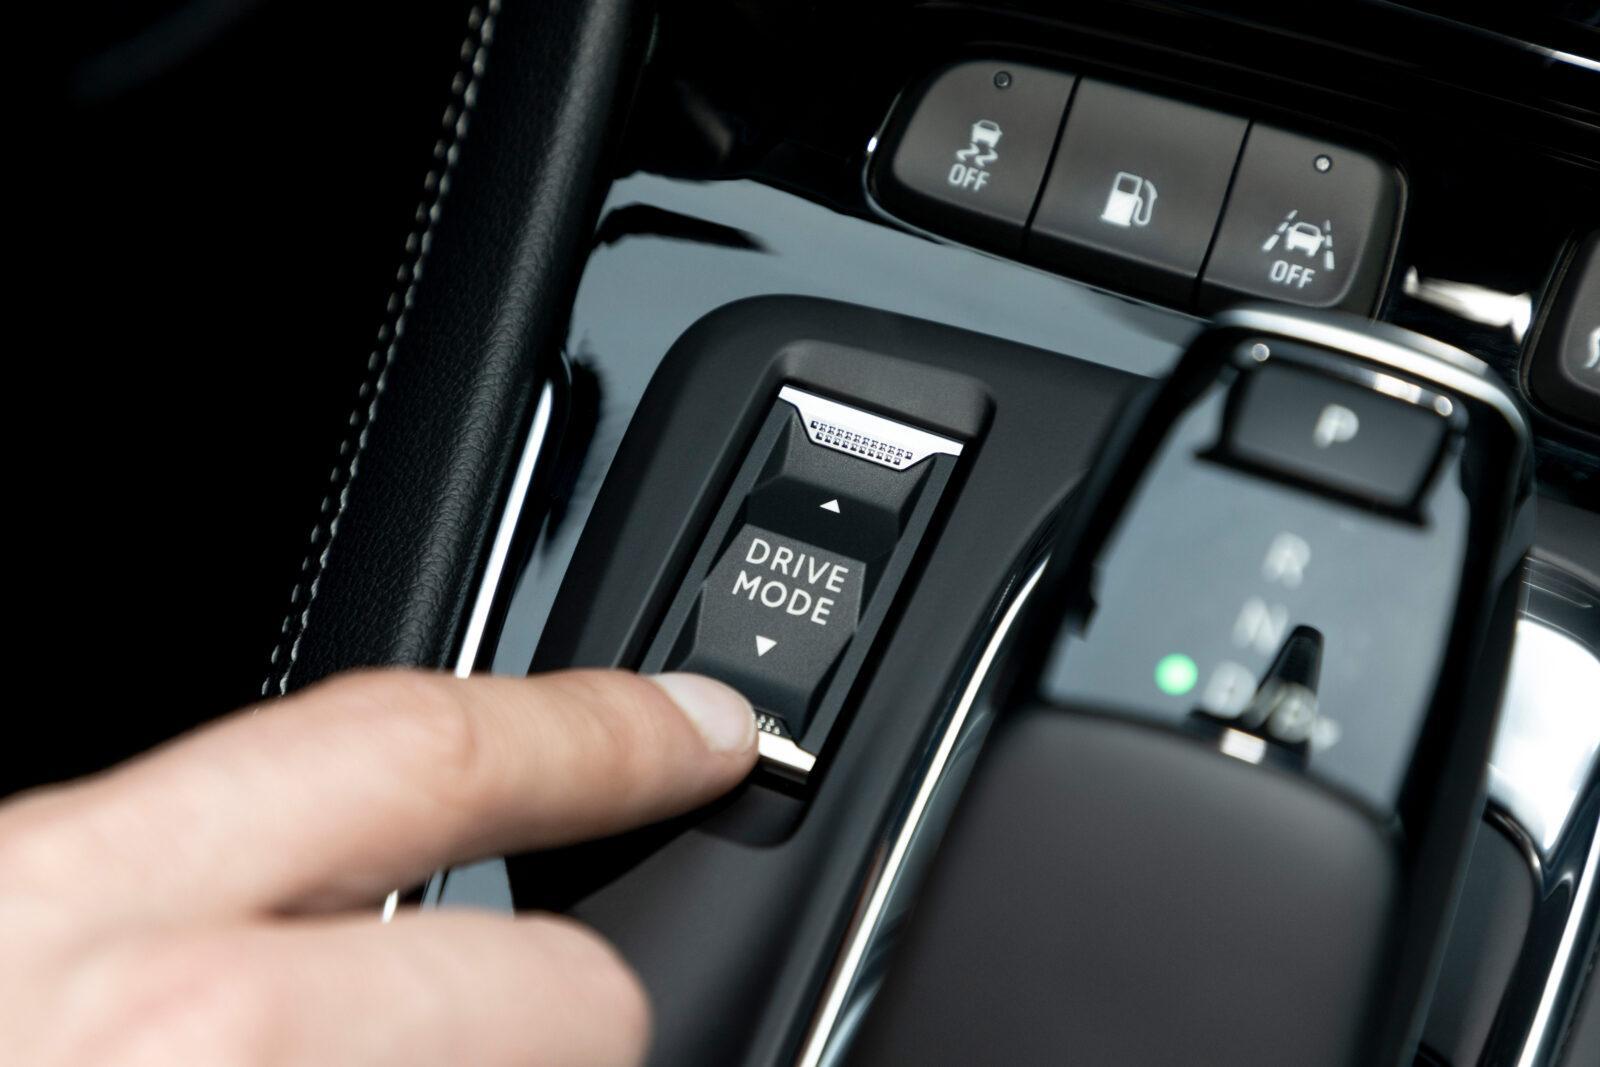 Opel сделала новый электромобиль Grandland - смелый дизайн и передовые технологии (novyj opel grandland 13)